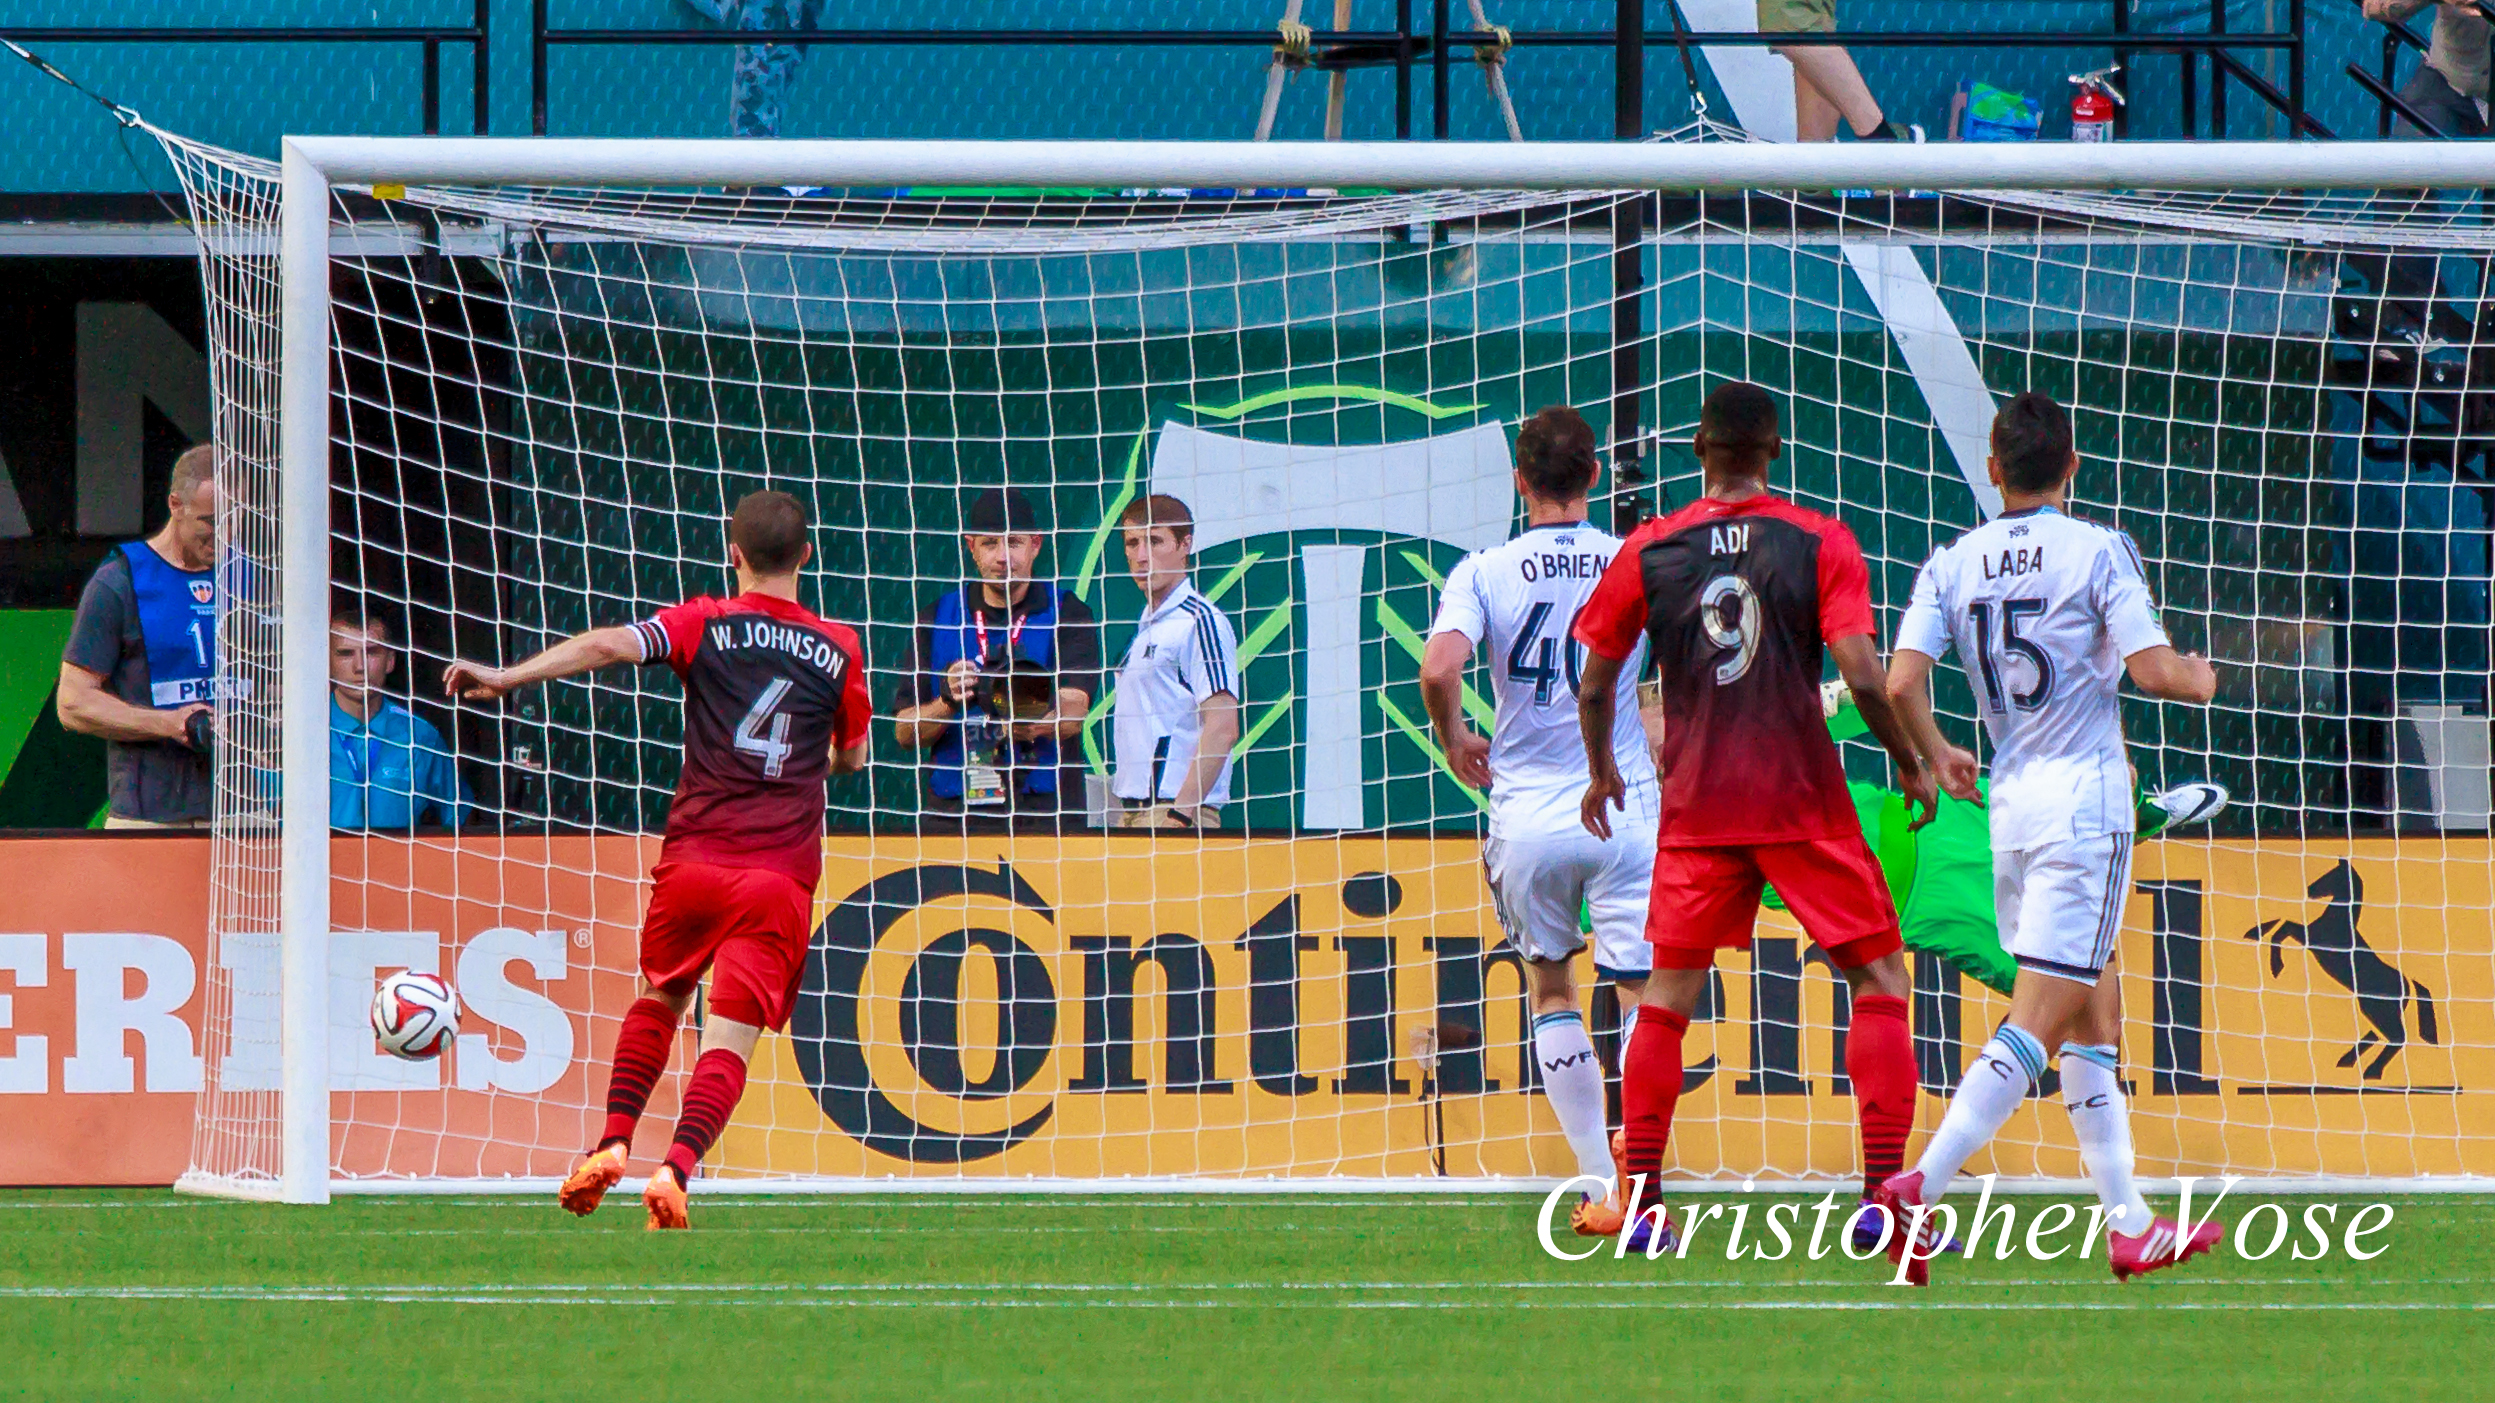 2014-06-01  Gaston Fernandez Goal.jpg